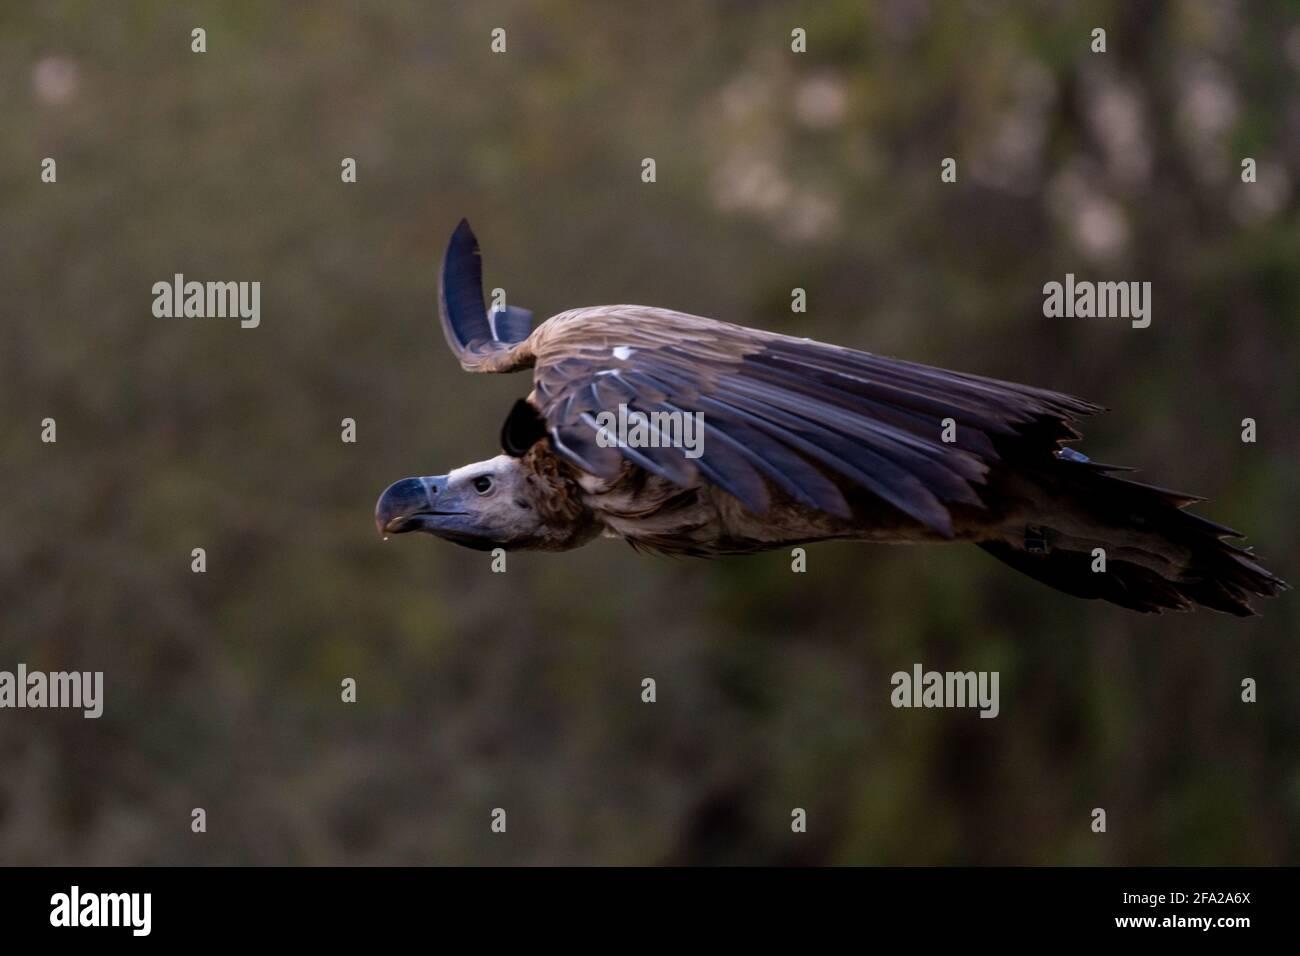 La vautour de griffon en vol (Gyps fulvus) qui s'envolent à travers les arbres. Les charognards en Afrique et au Moyen-Orient. Banque D'Images